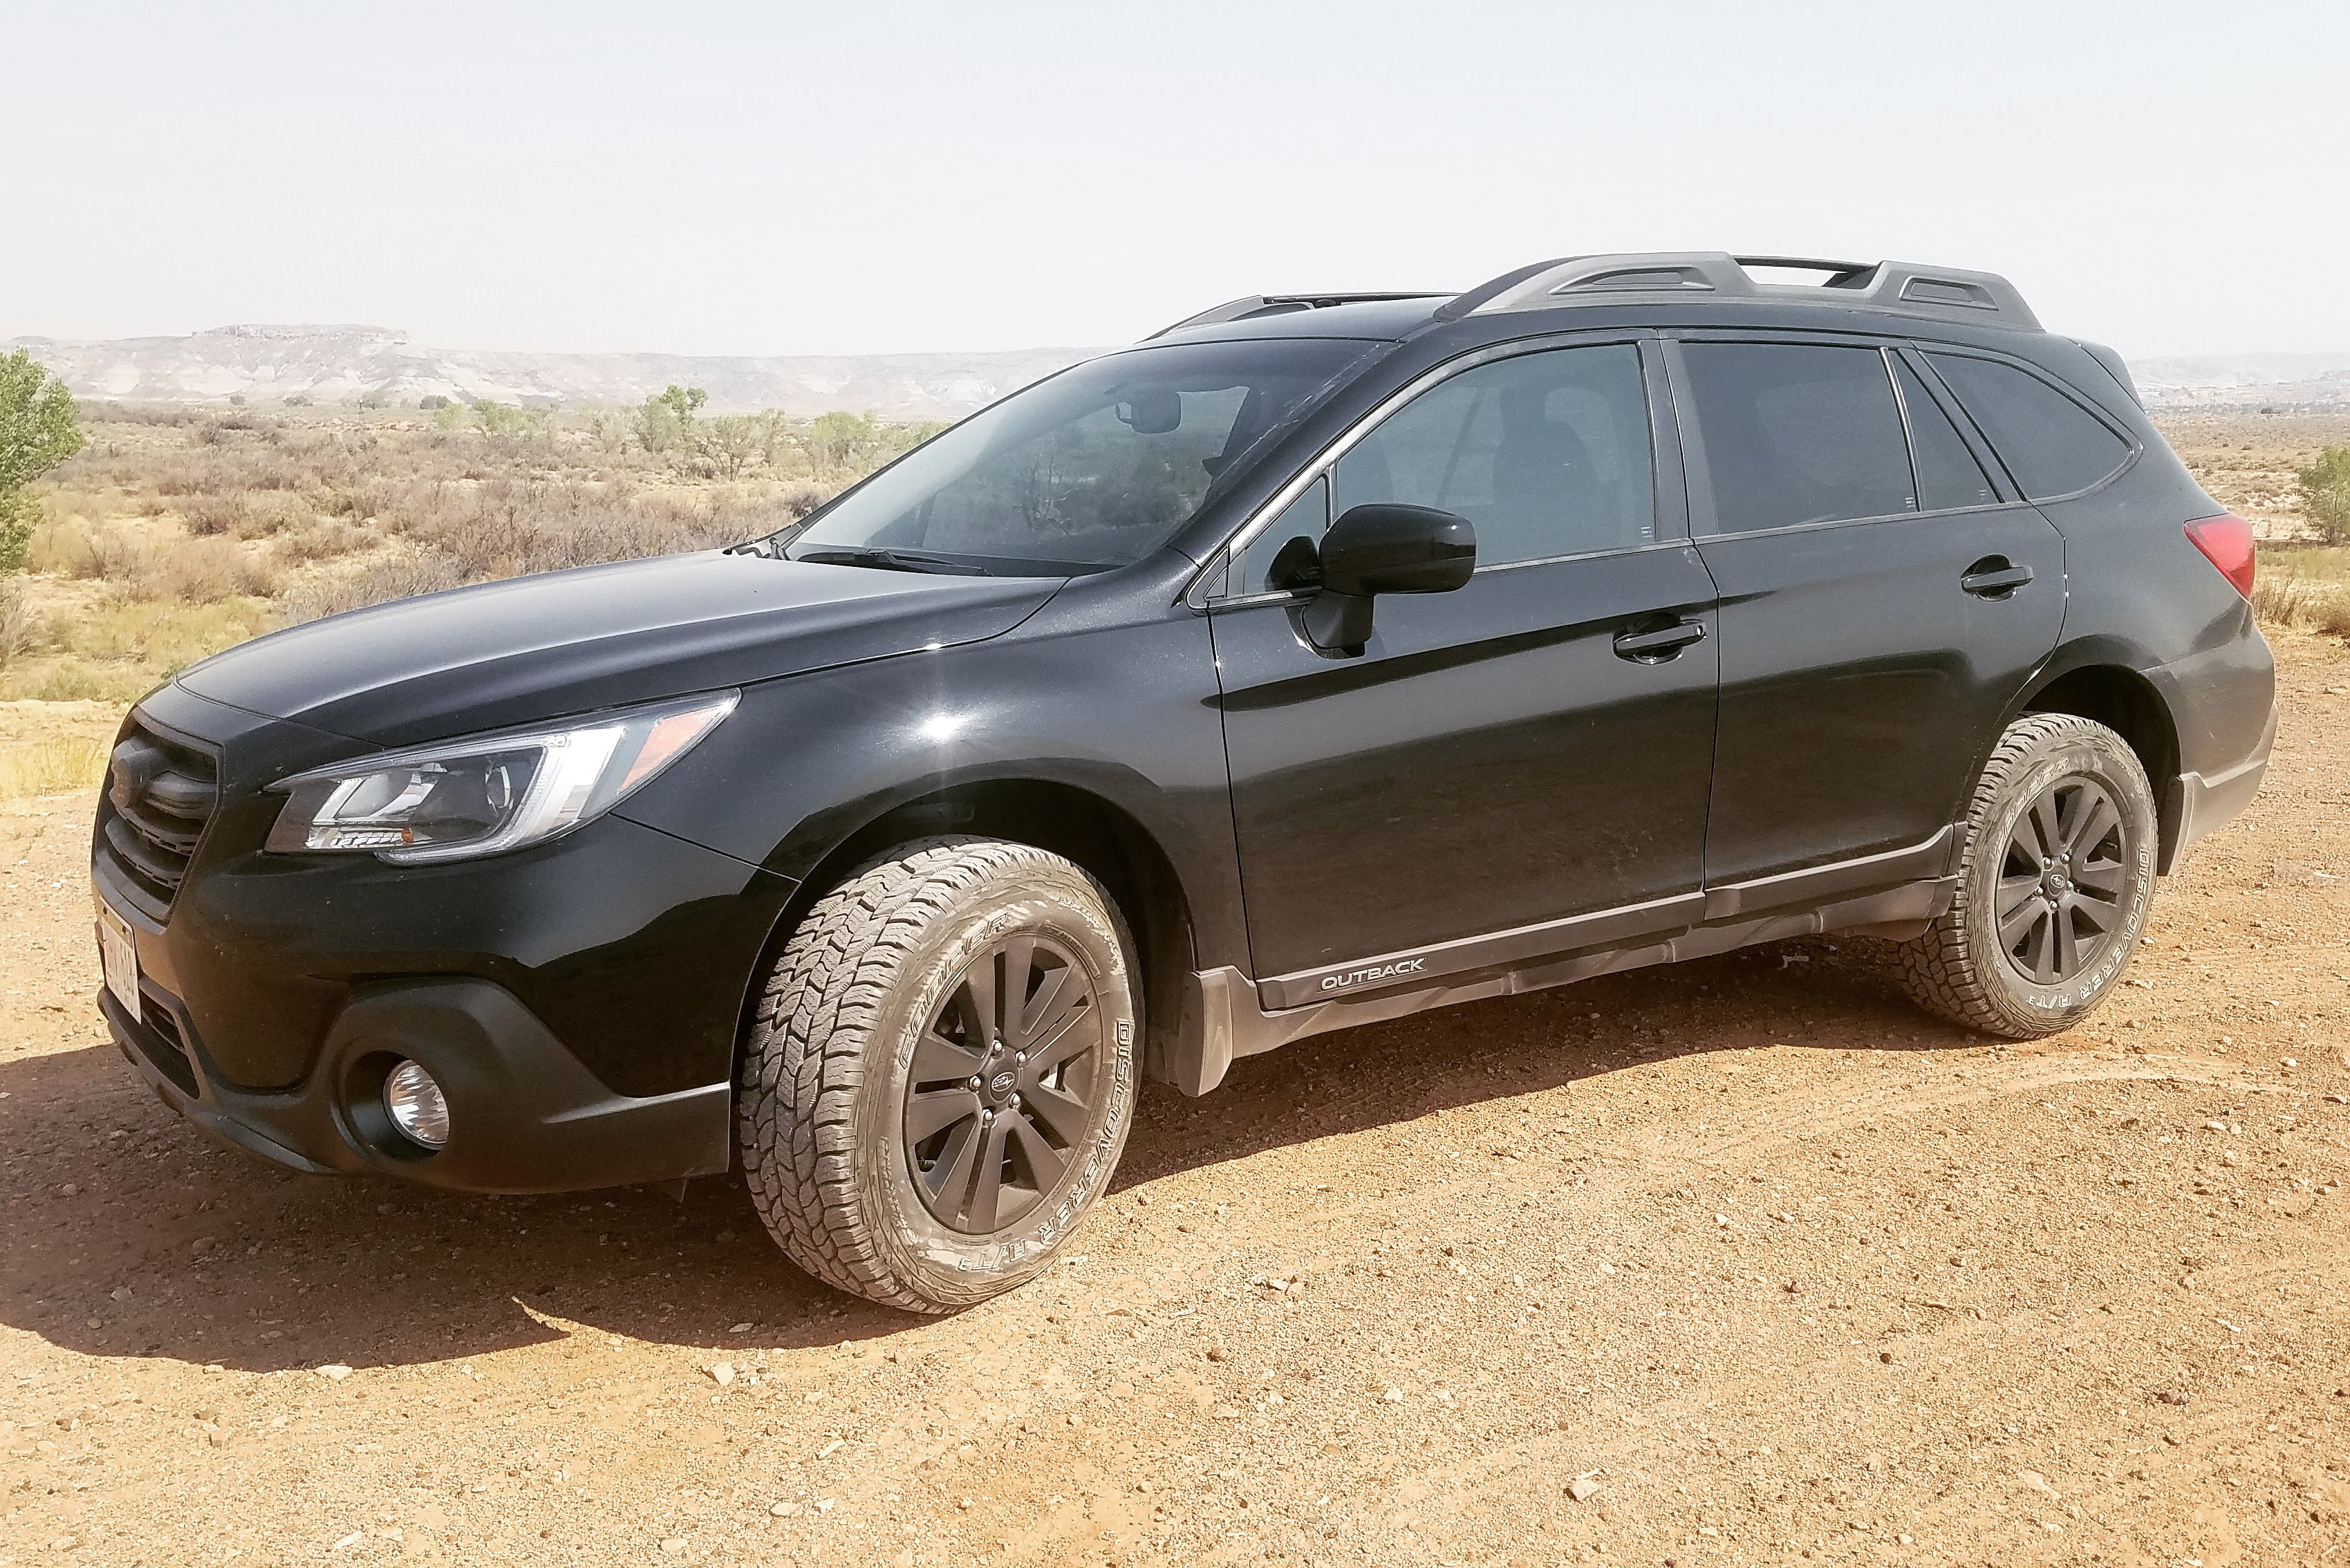 Subaru Outback 2.5i Review - Cars.co.za |Small Subaru Outback